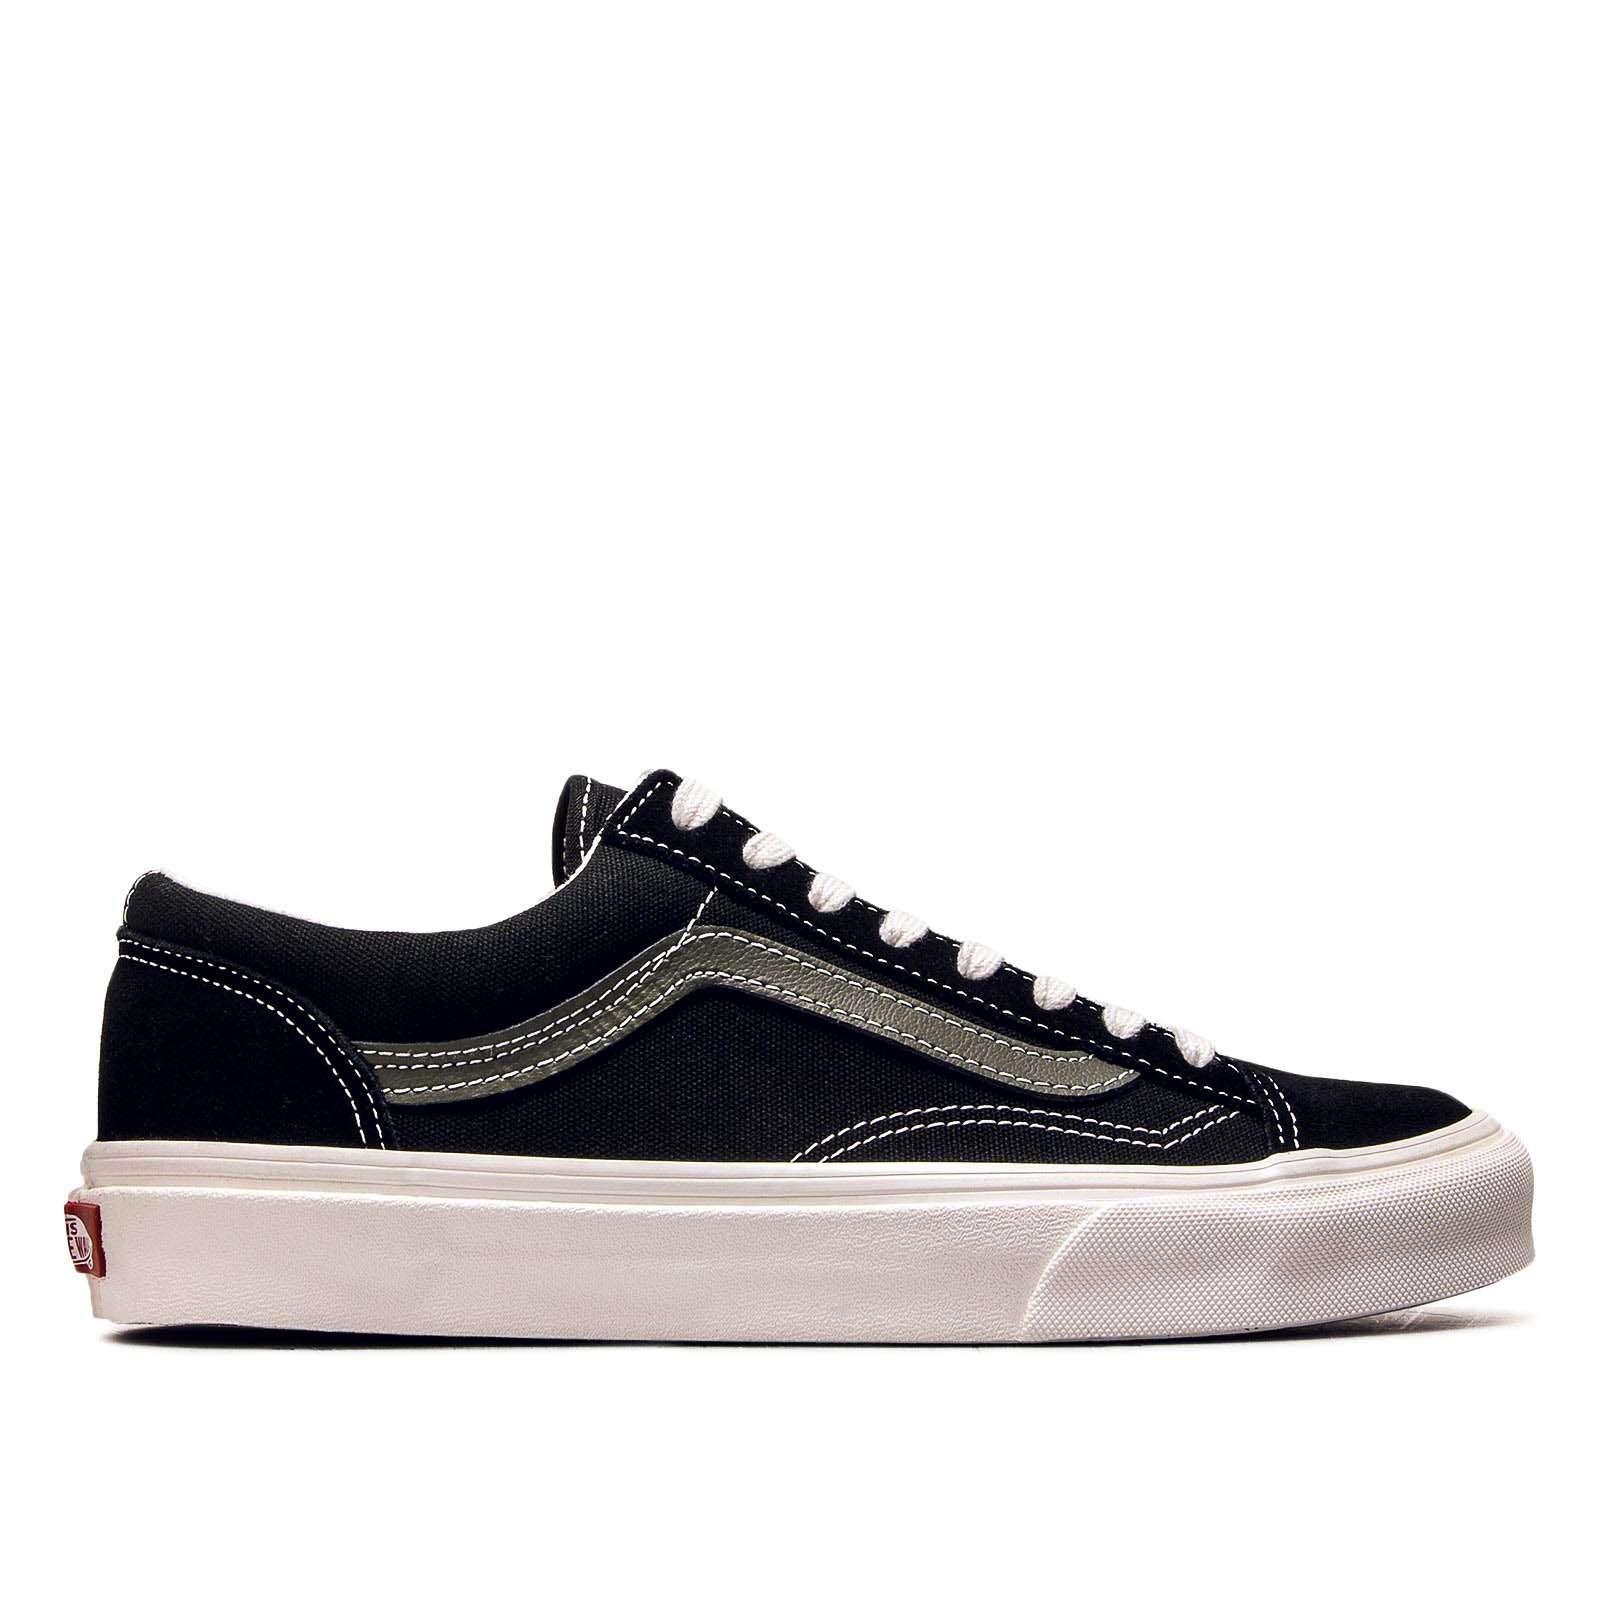 super popular deb59 78b13 schwarzen Herren Sneaker von VANS online kaufen   CRISP BLNCRISP BLN